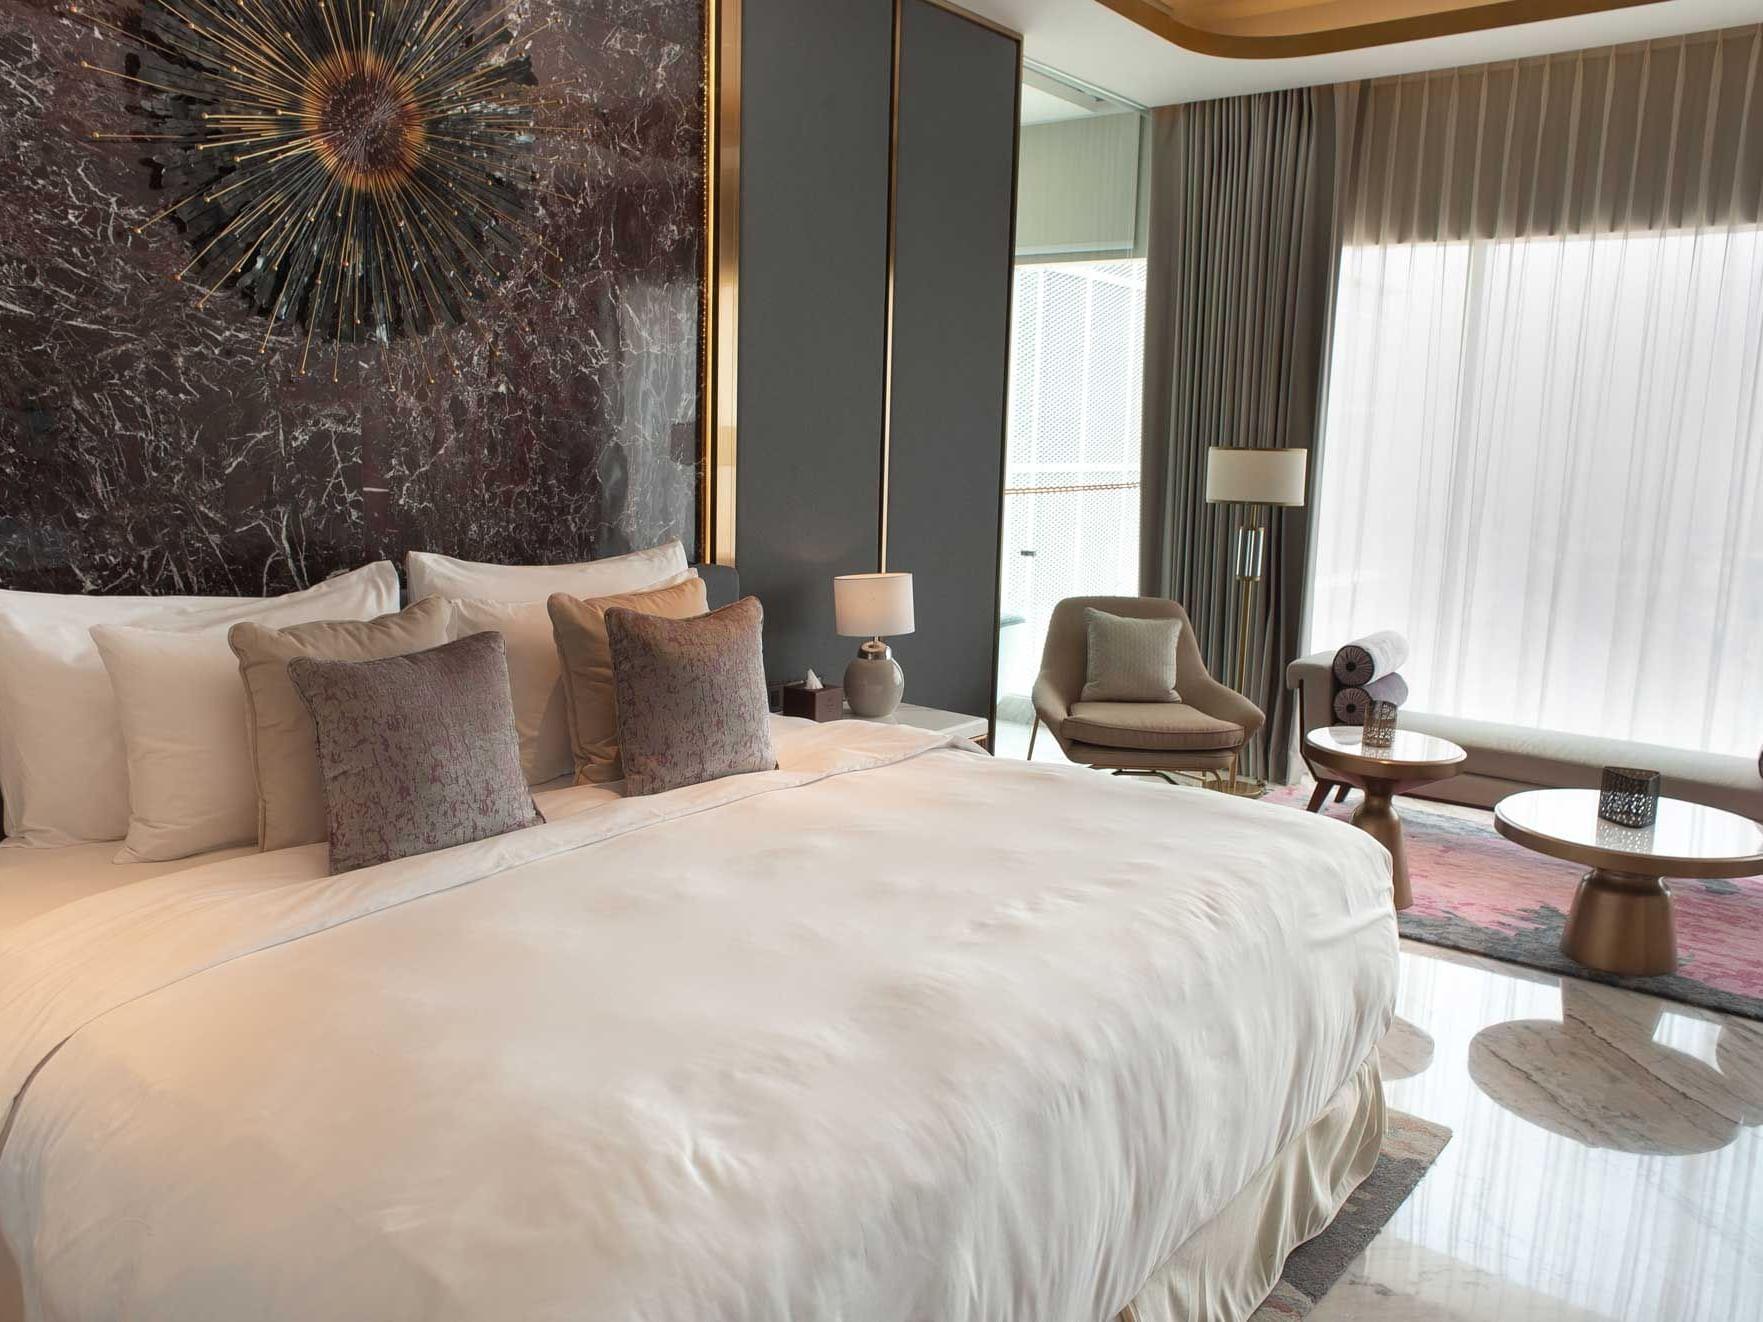 Bedroom of Breccia Suite in Vasa Hotel Surabaya